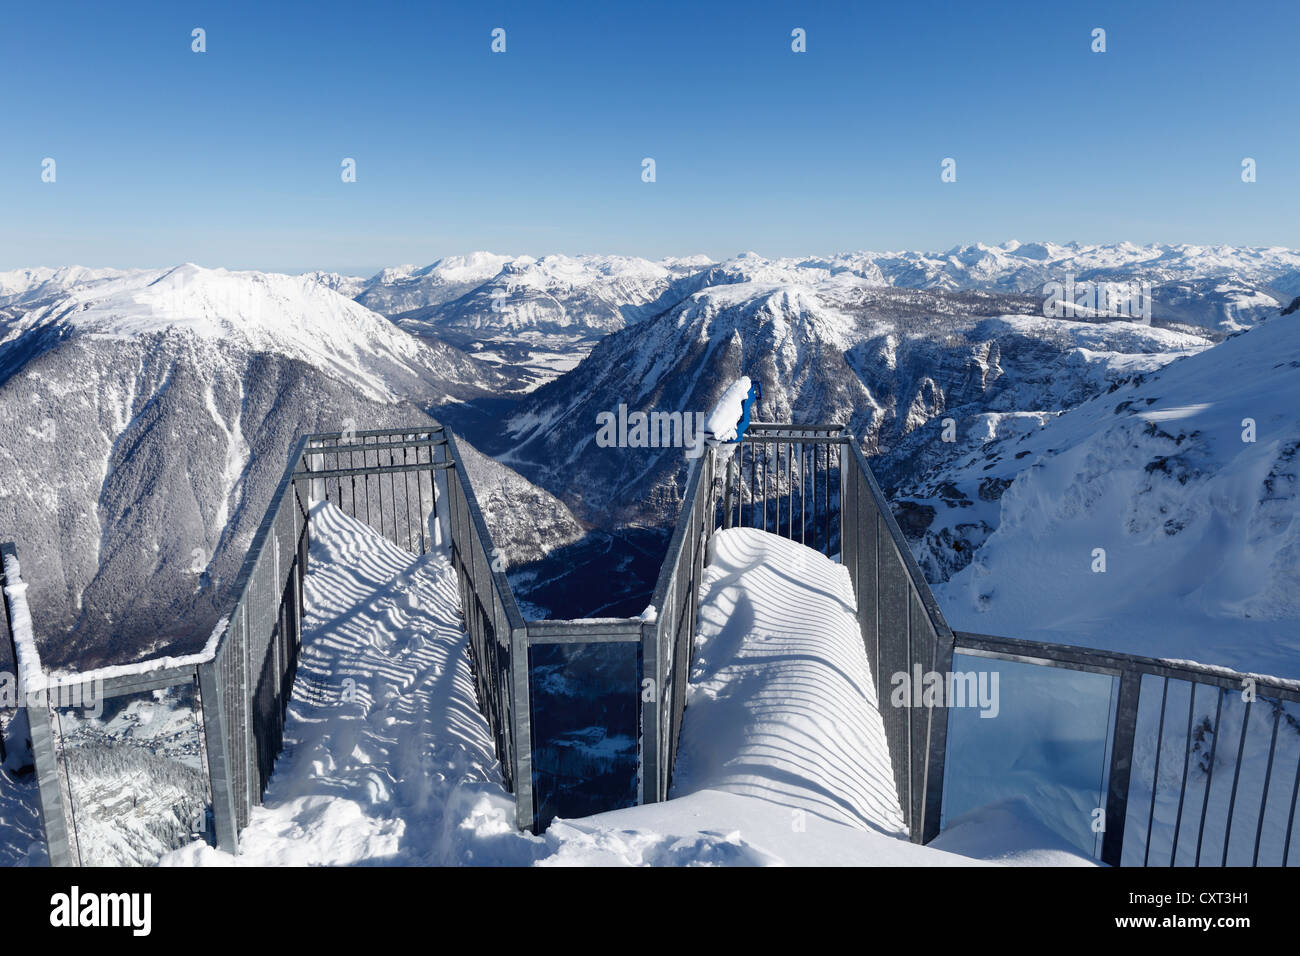 Cinque dita di piattaforma di osservazione, affacciato sul Patrimonio Mondiale vista dal Monte Krippenstein oltre Sarstein e montagna Foto Stock